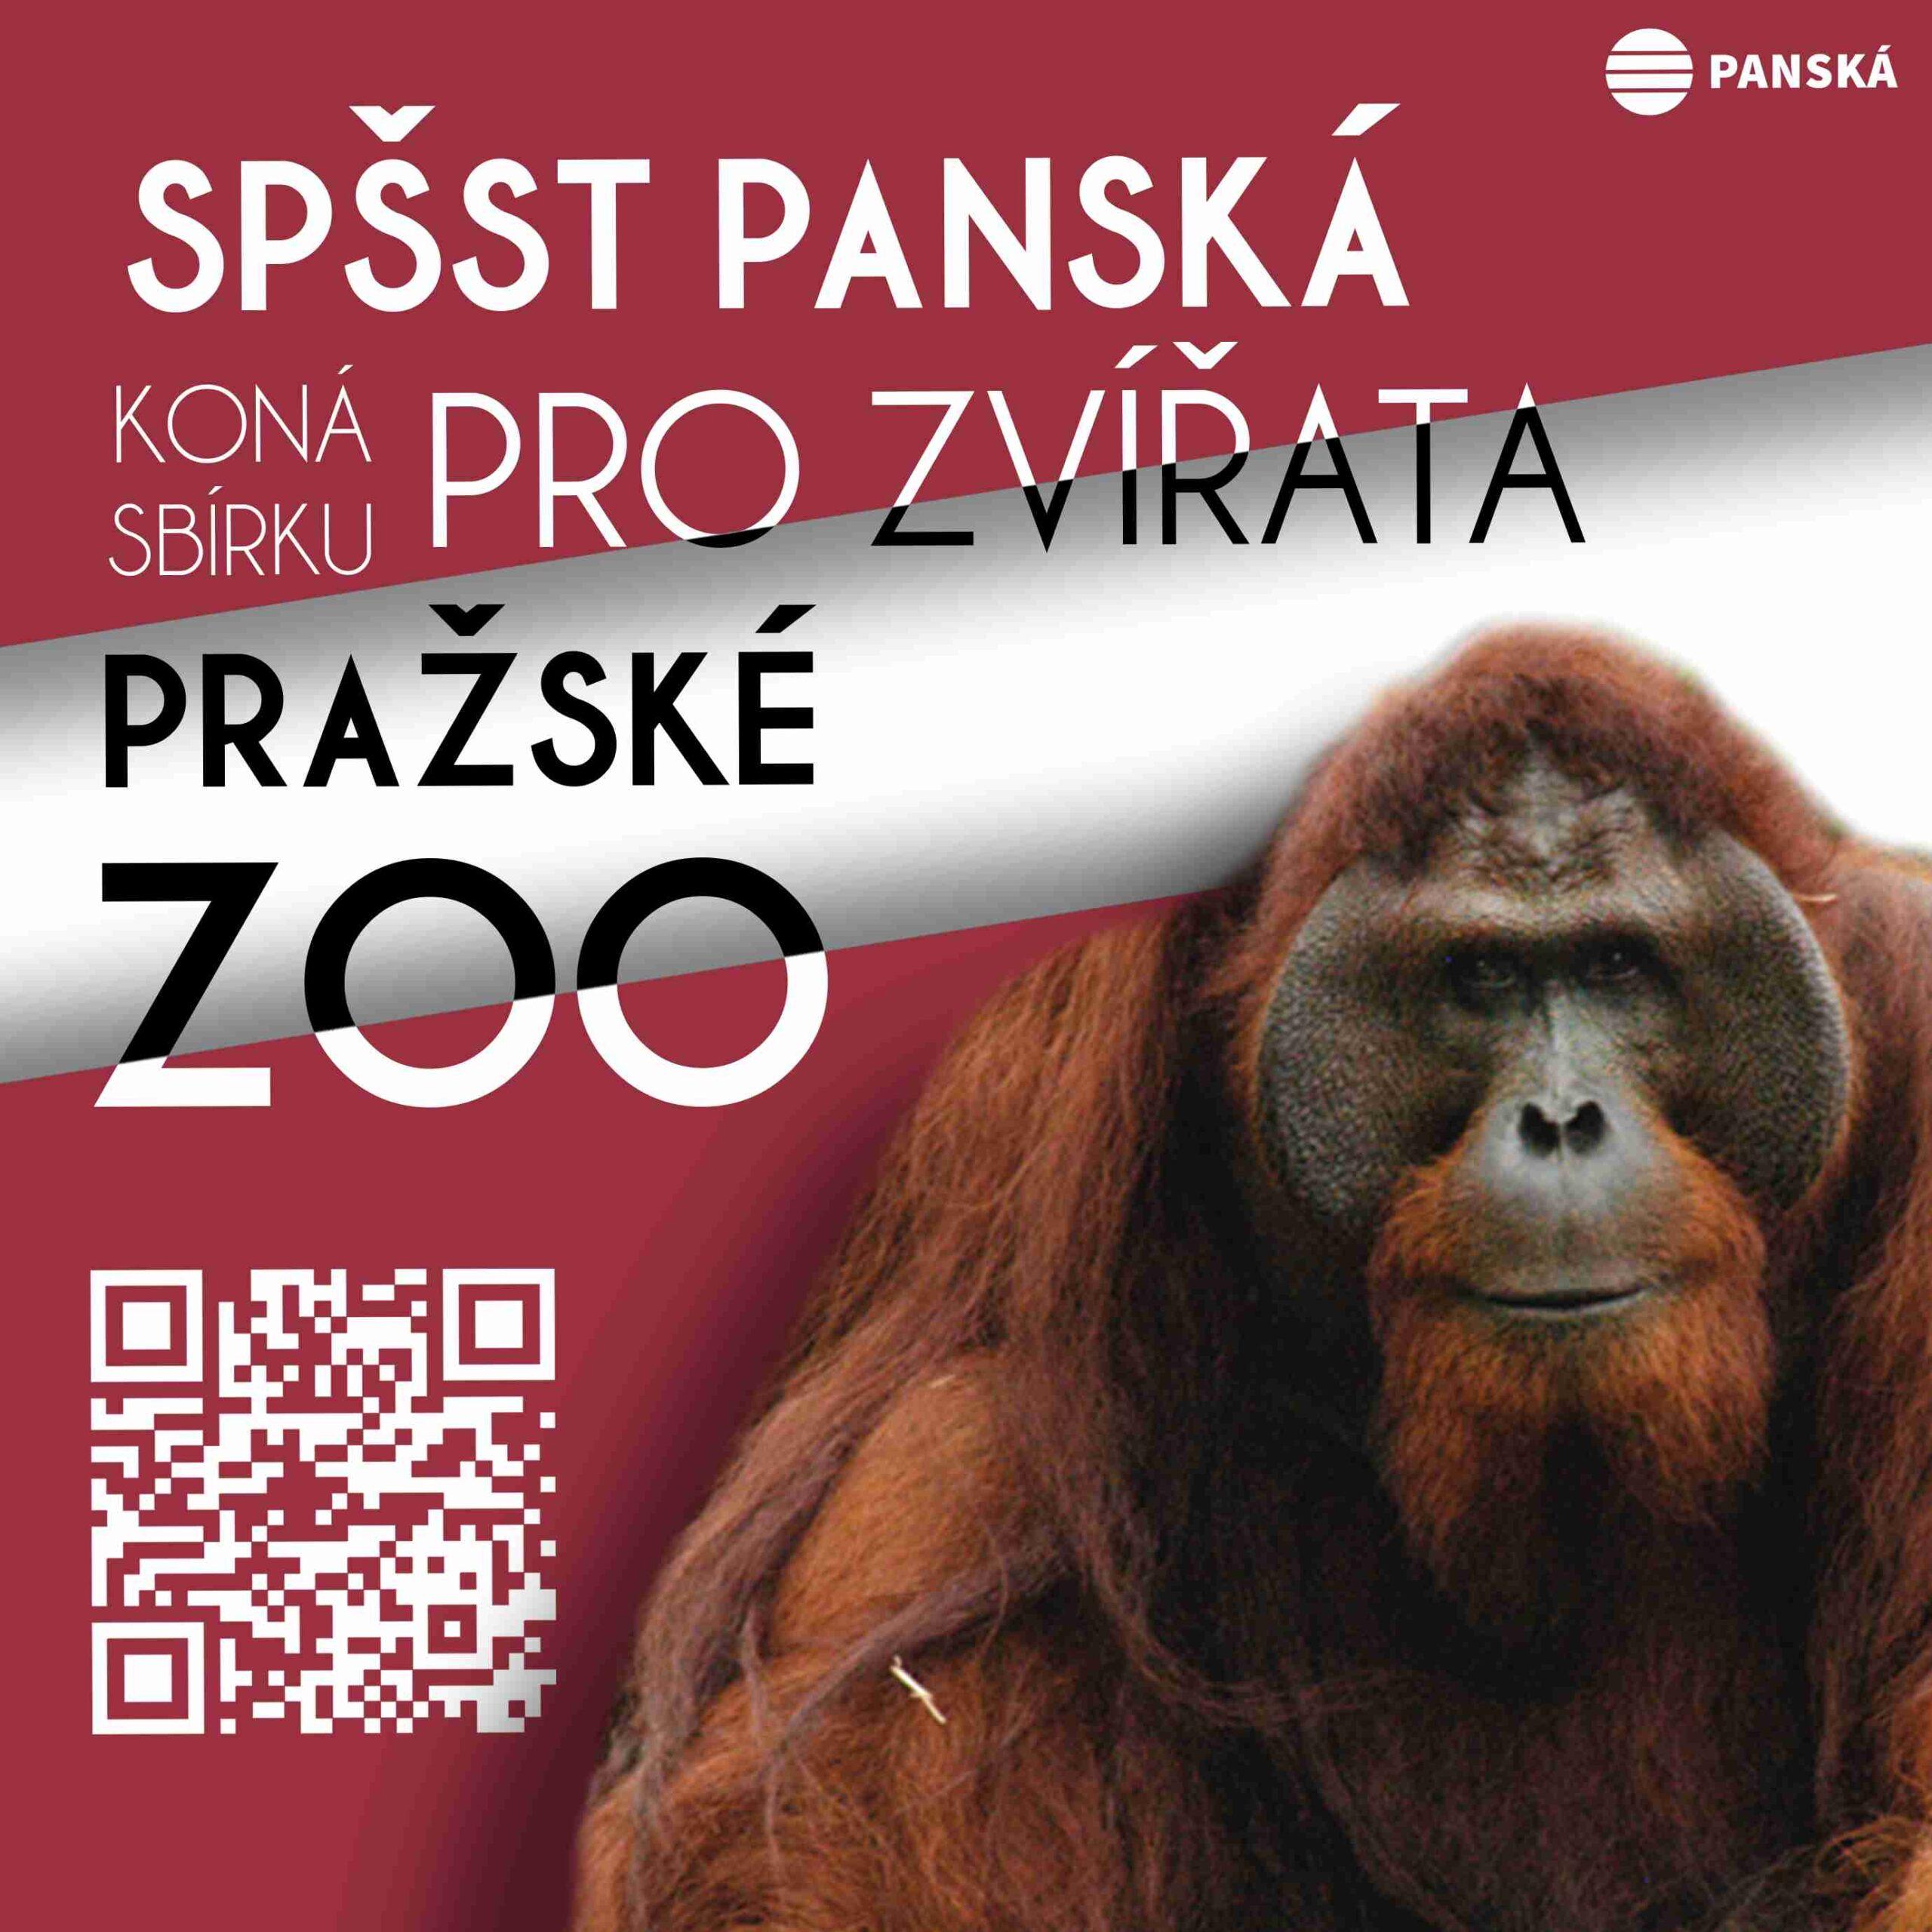 Sbírka pro zvířata pražské ZOO